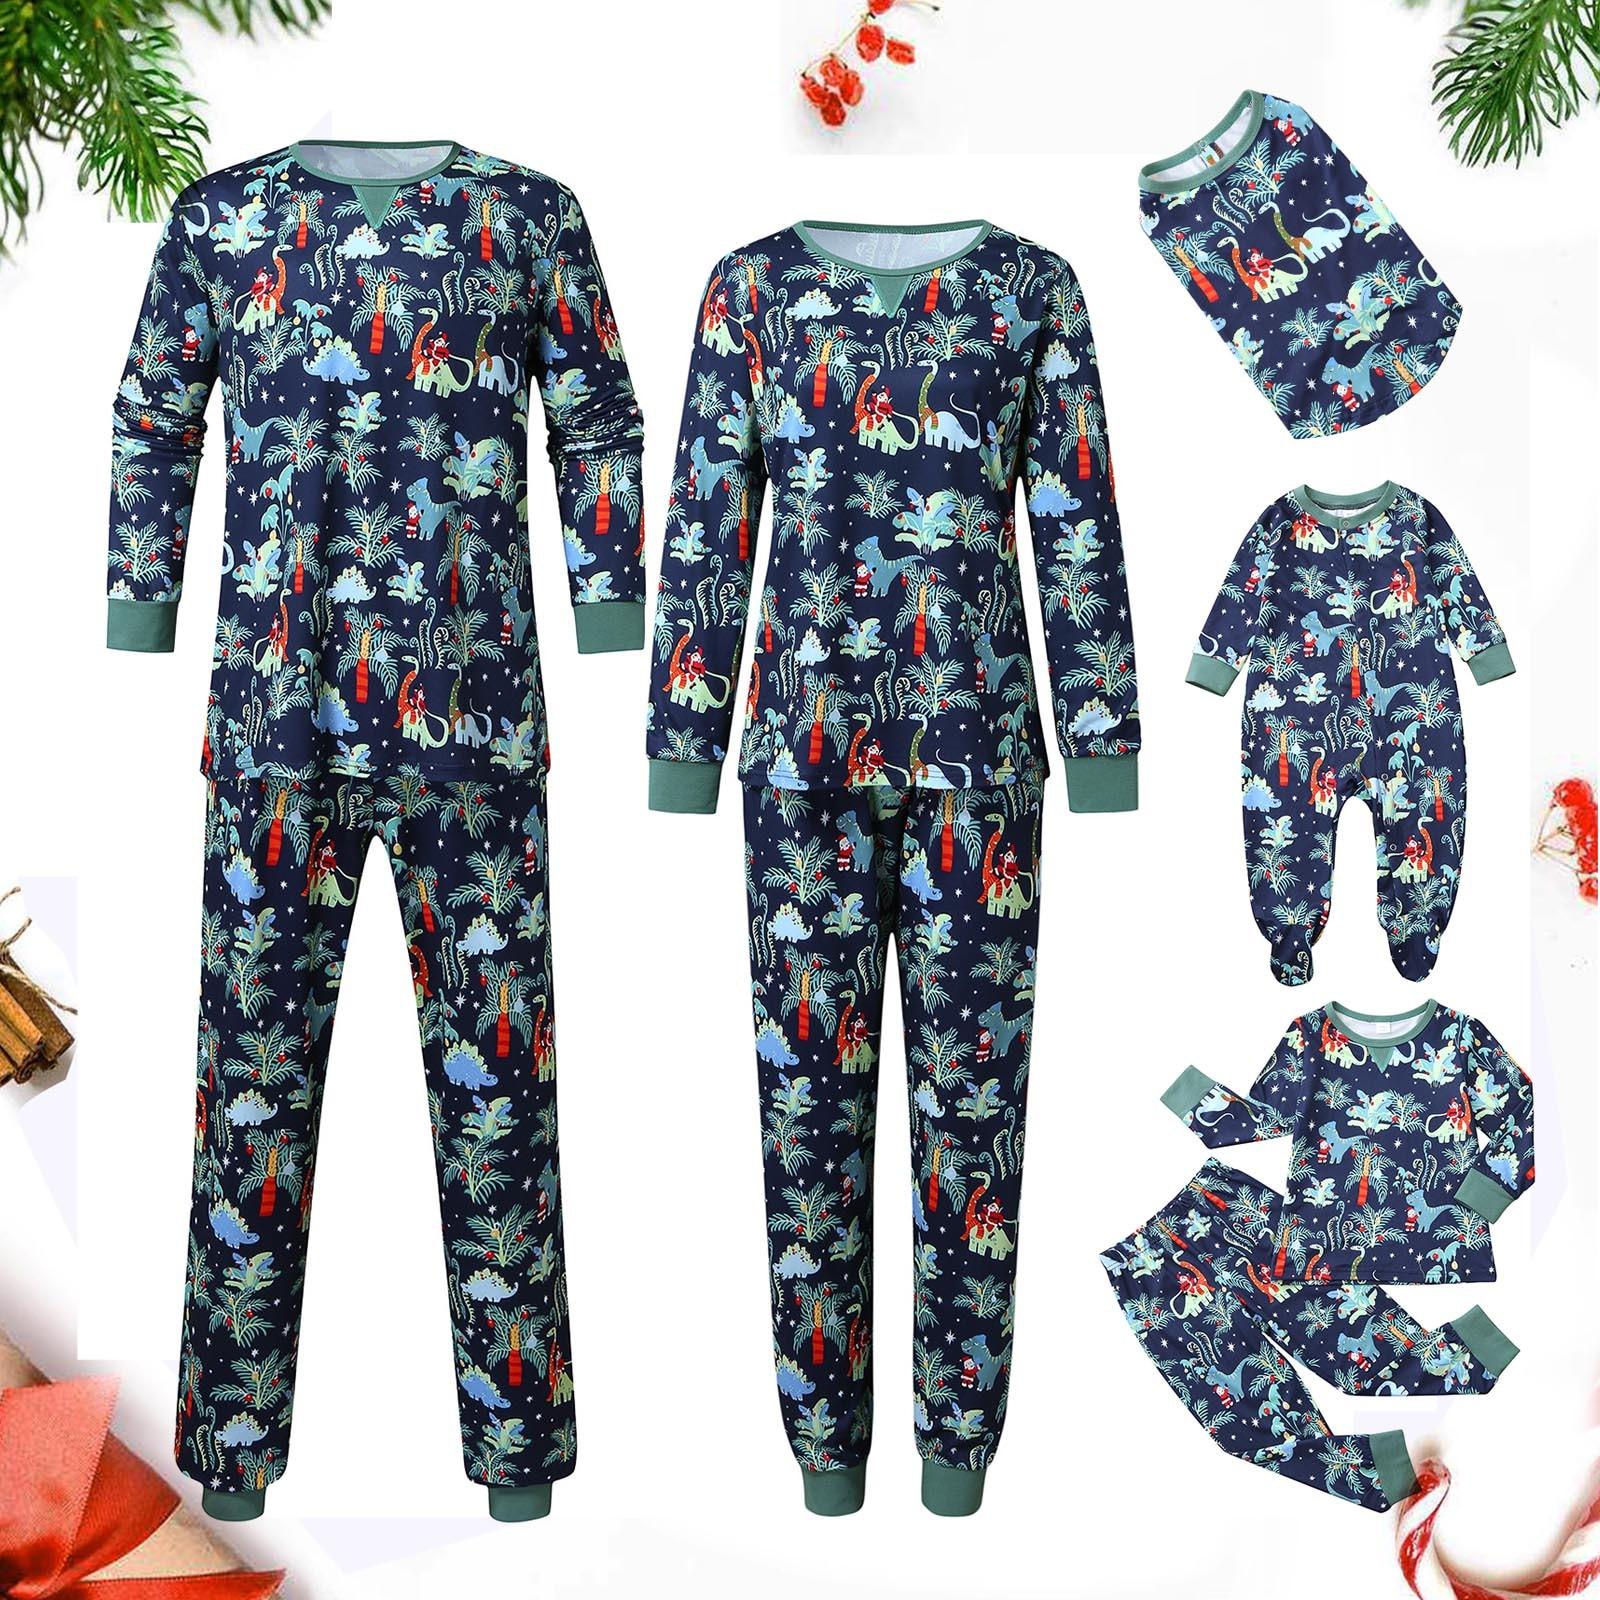 Pijamas de navidad para hombre, ropa con estampado de dinosaurio de navidad,...